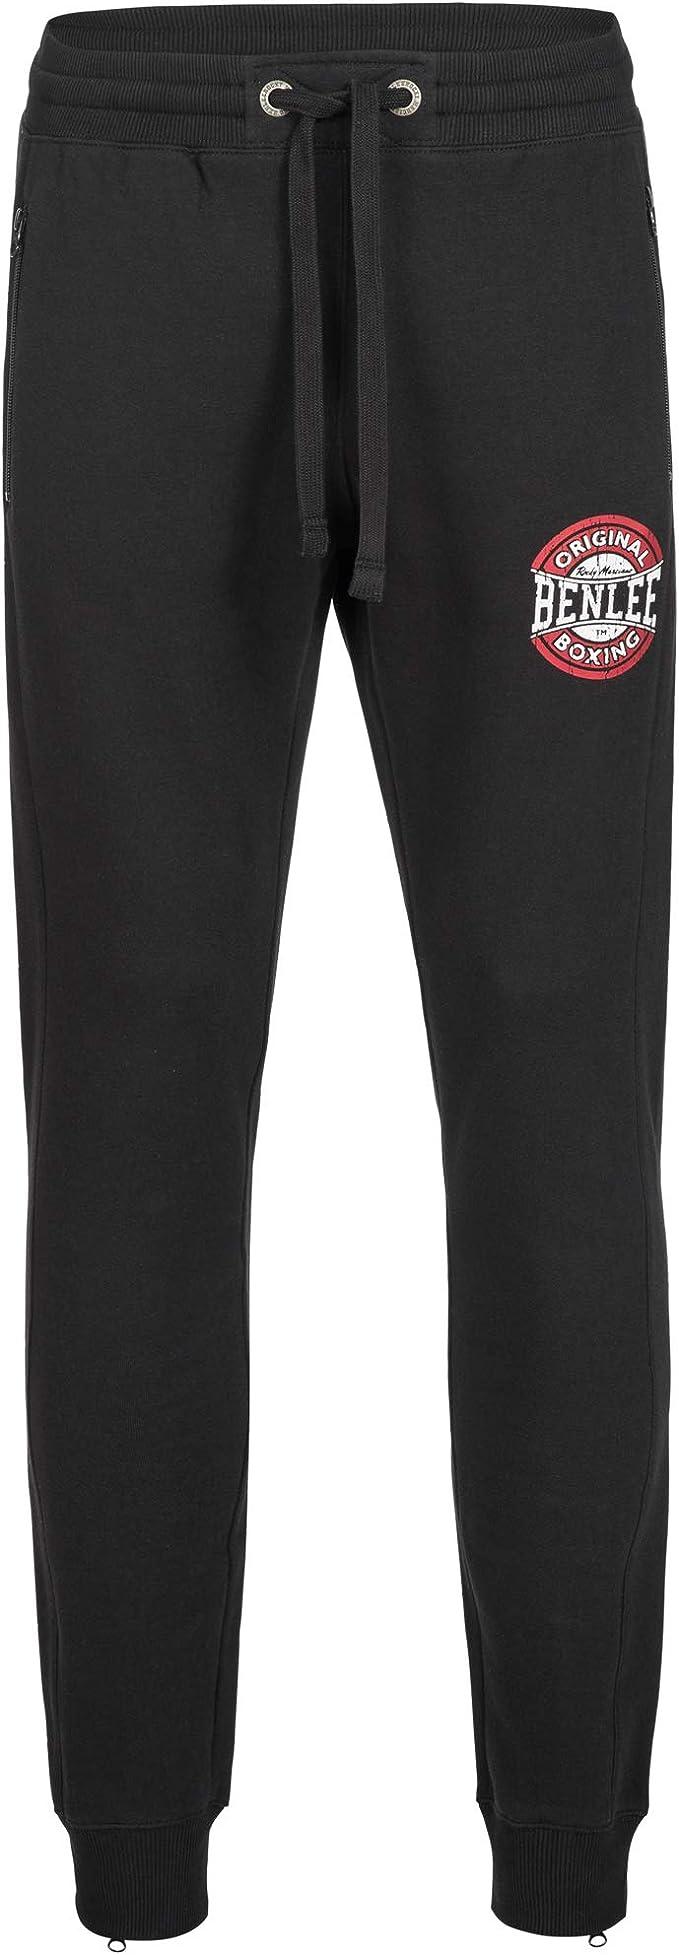 BENLEE Rocky Marciano Ways - Pantalones de chándal para Hombre ...